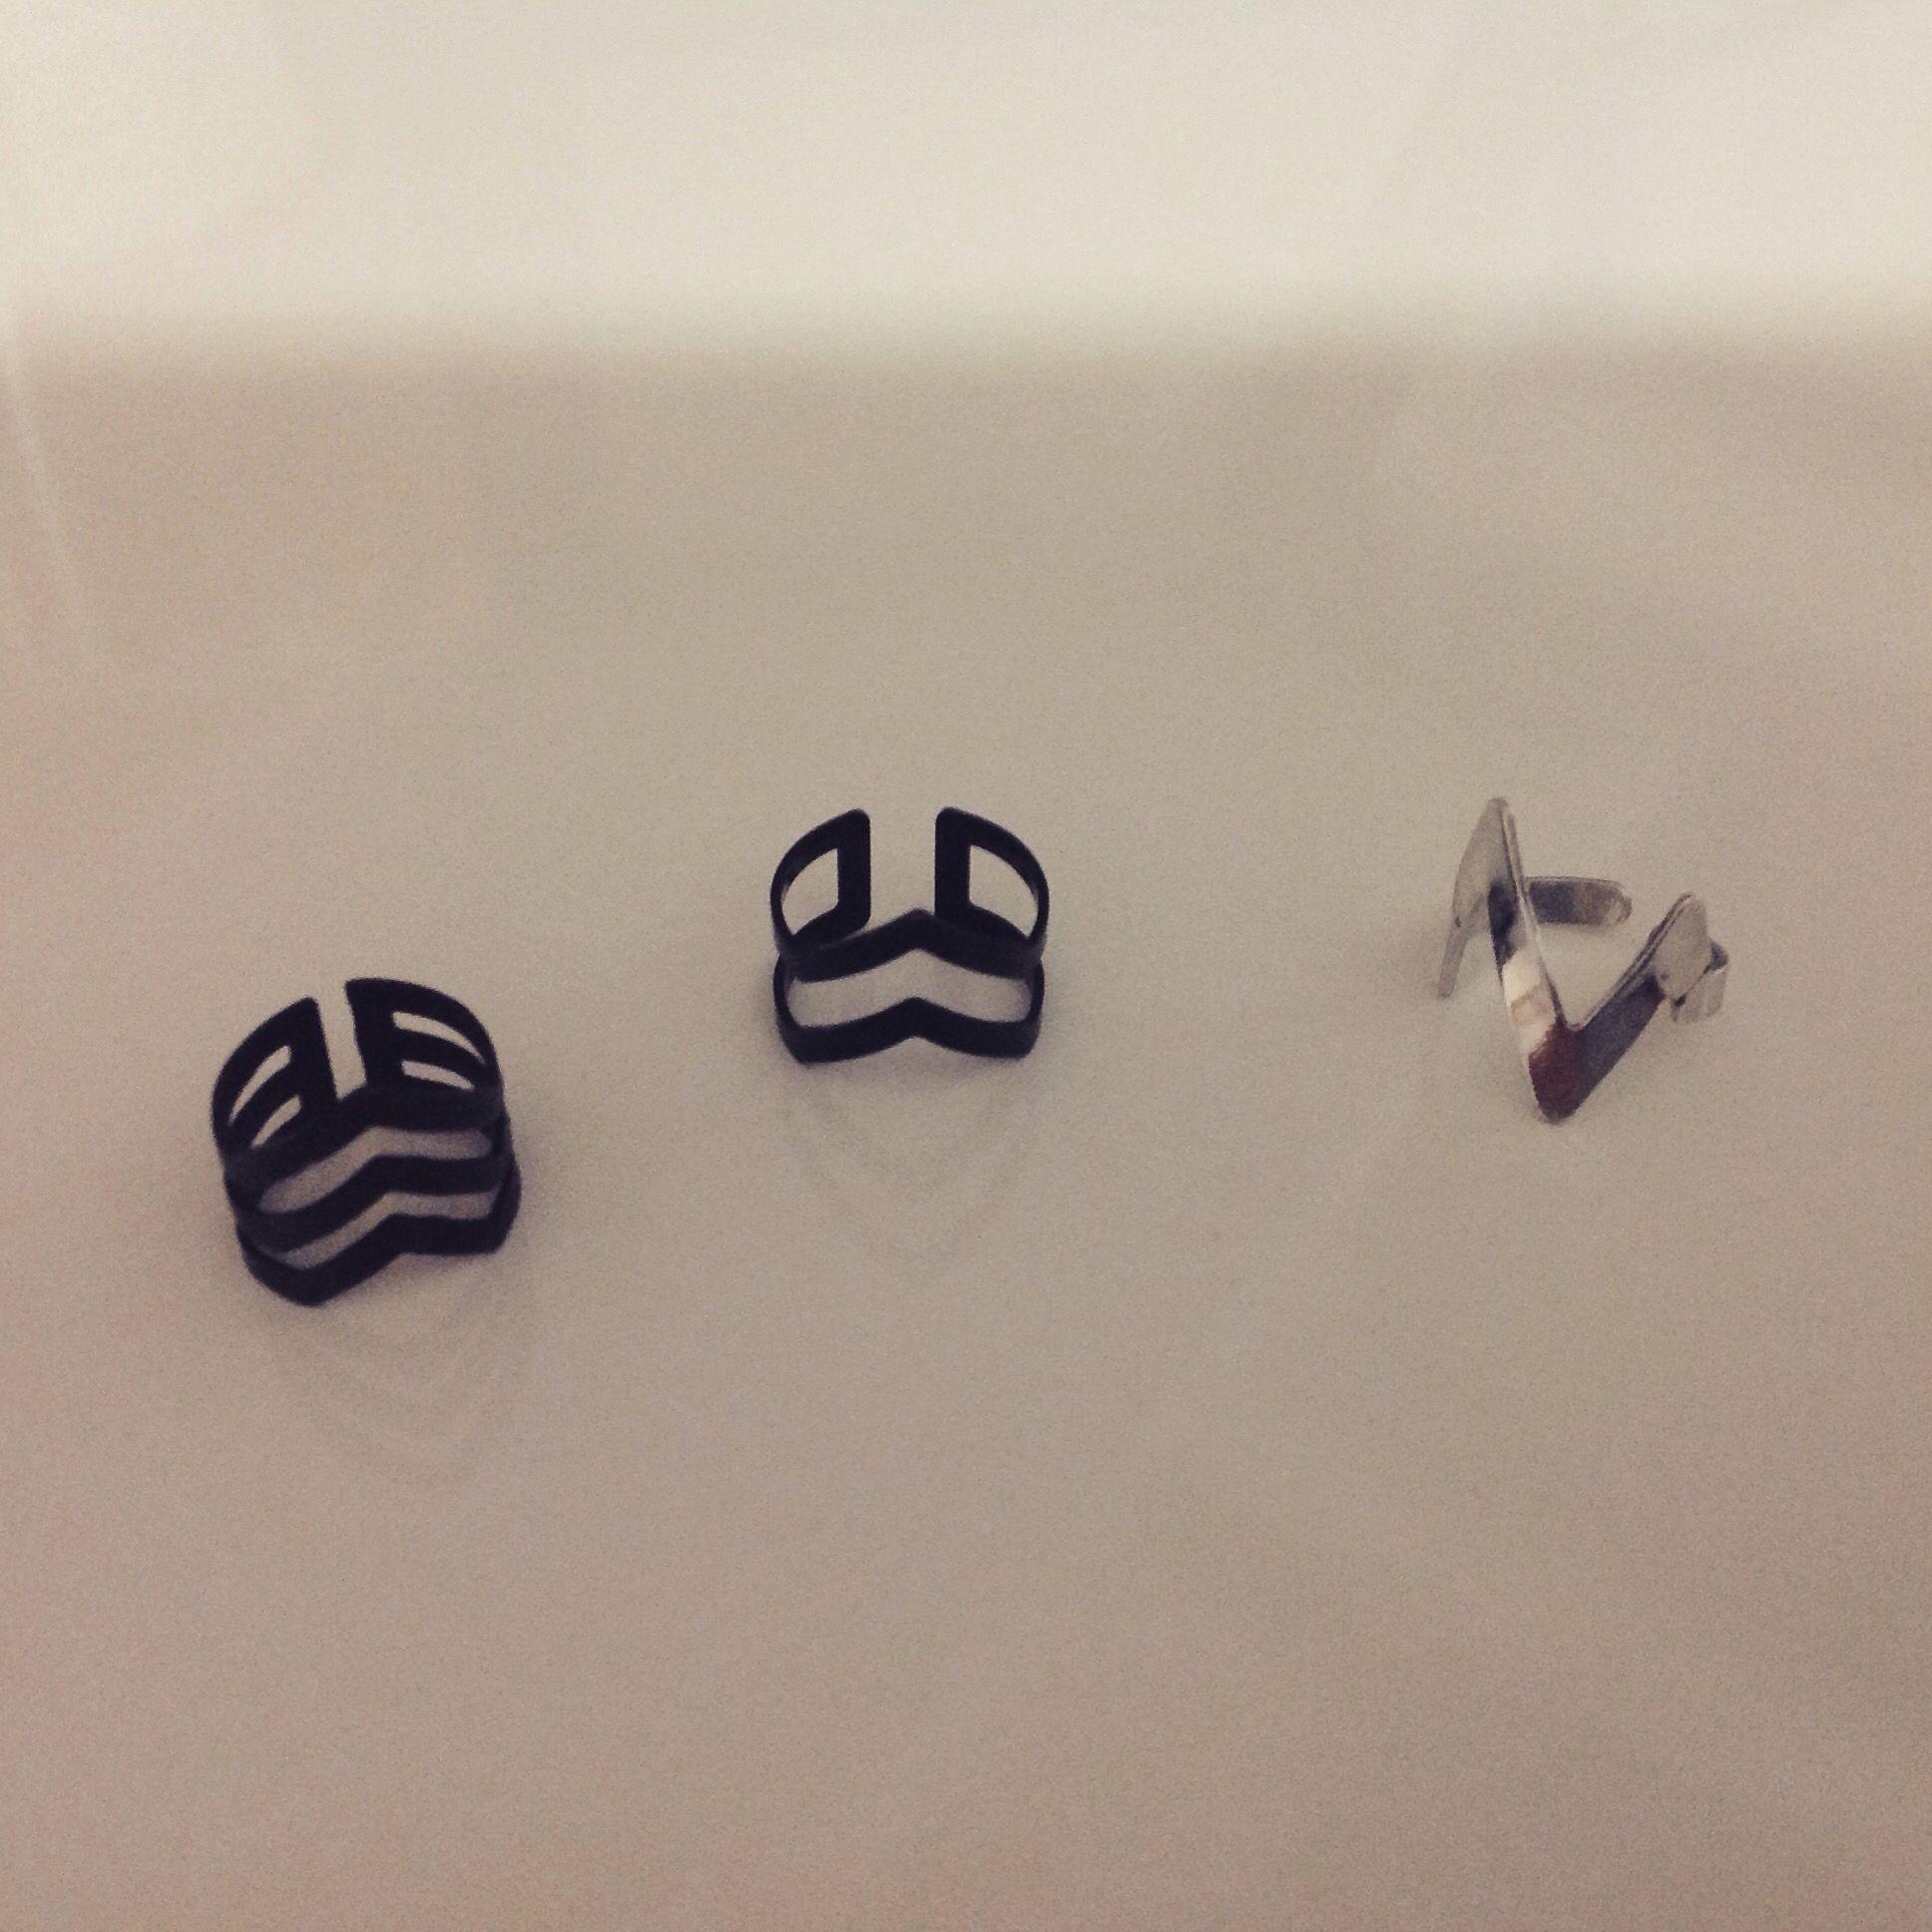 Eklem Yüzüğü modelleri